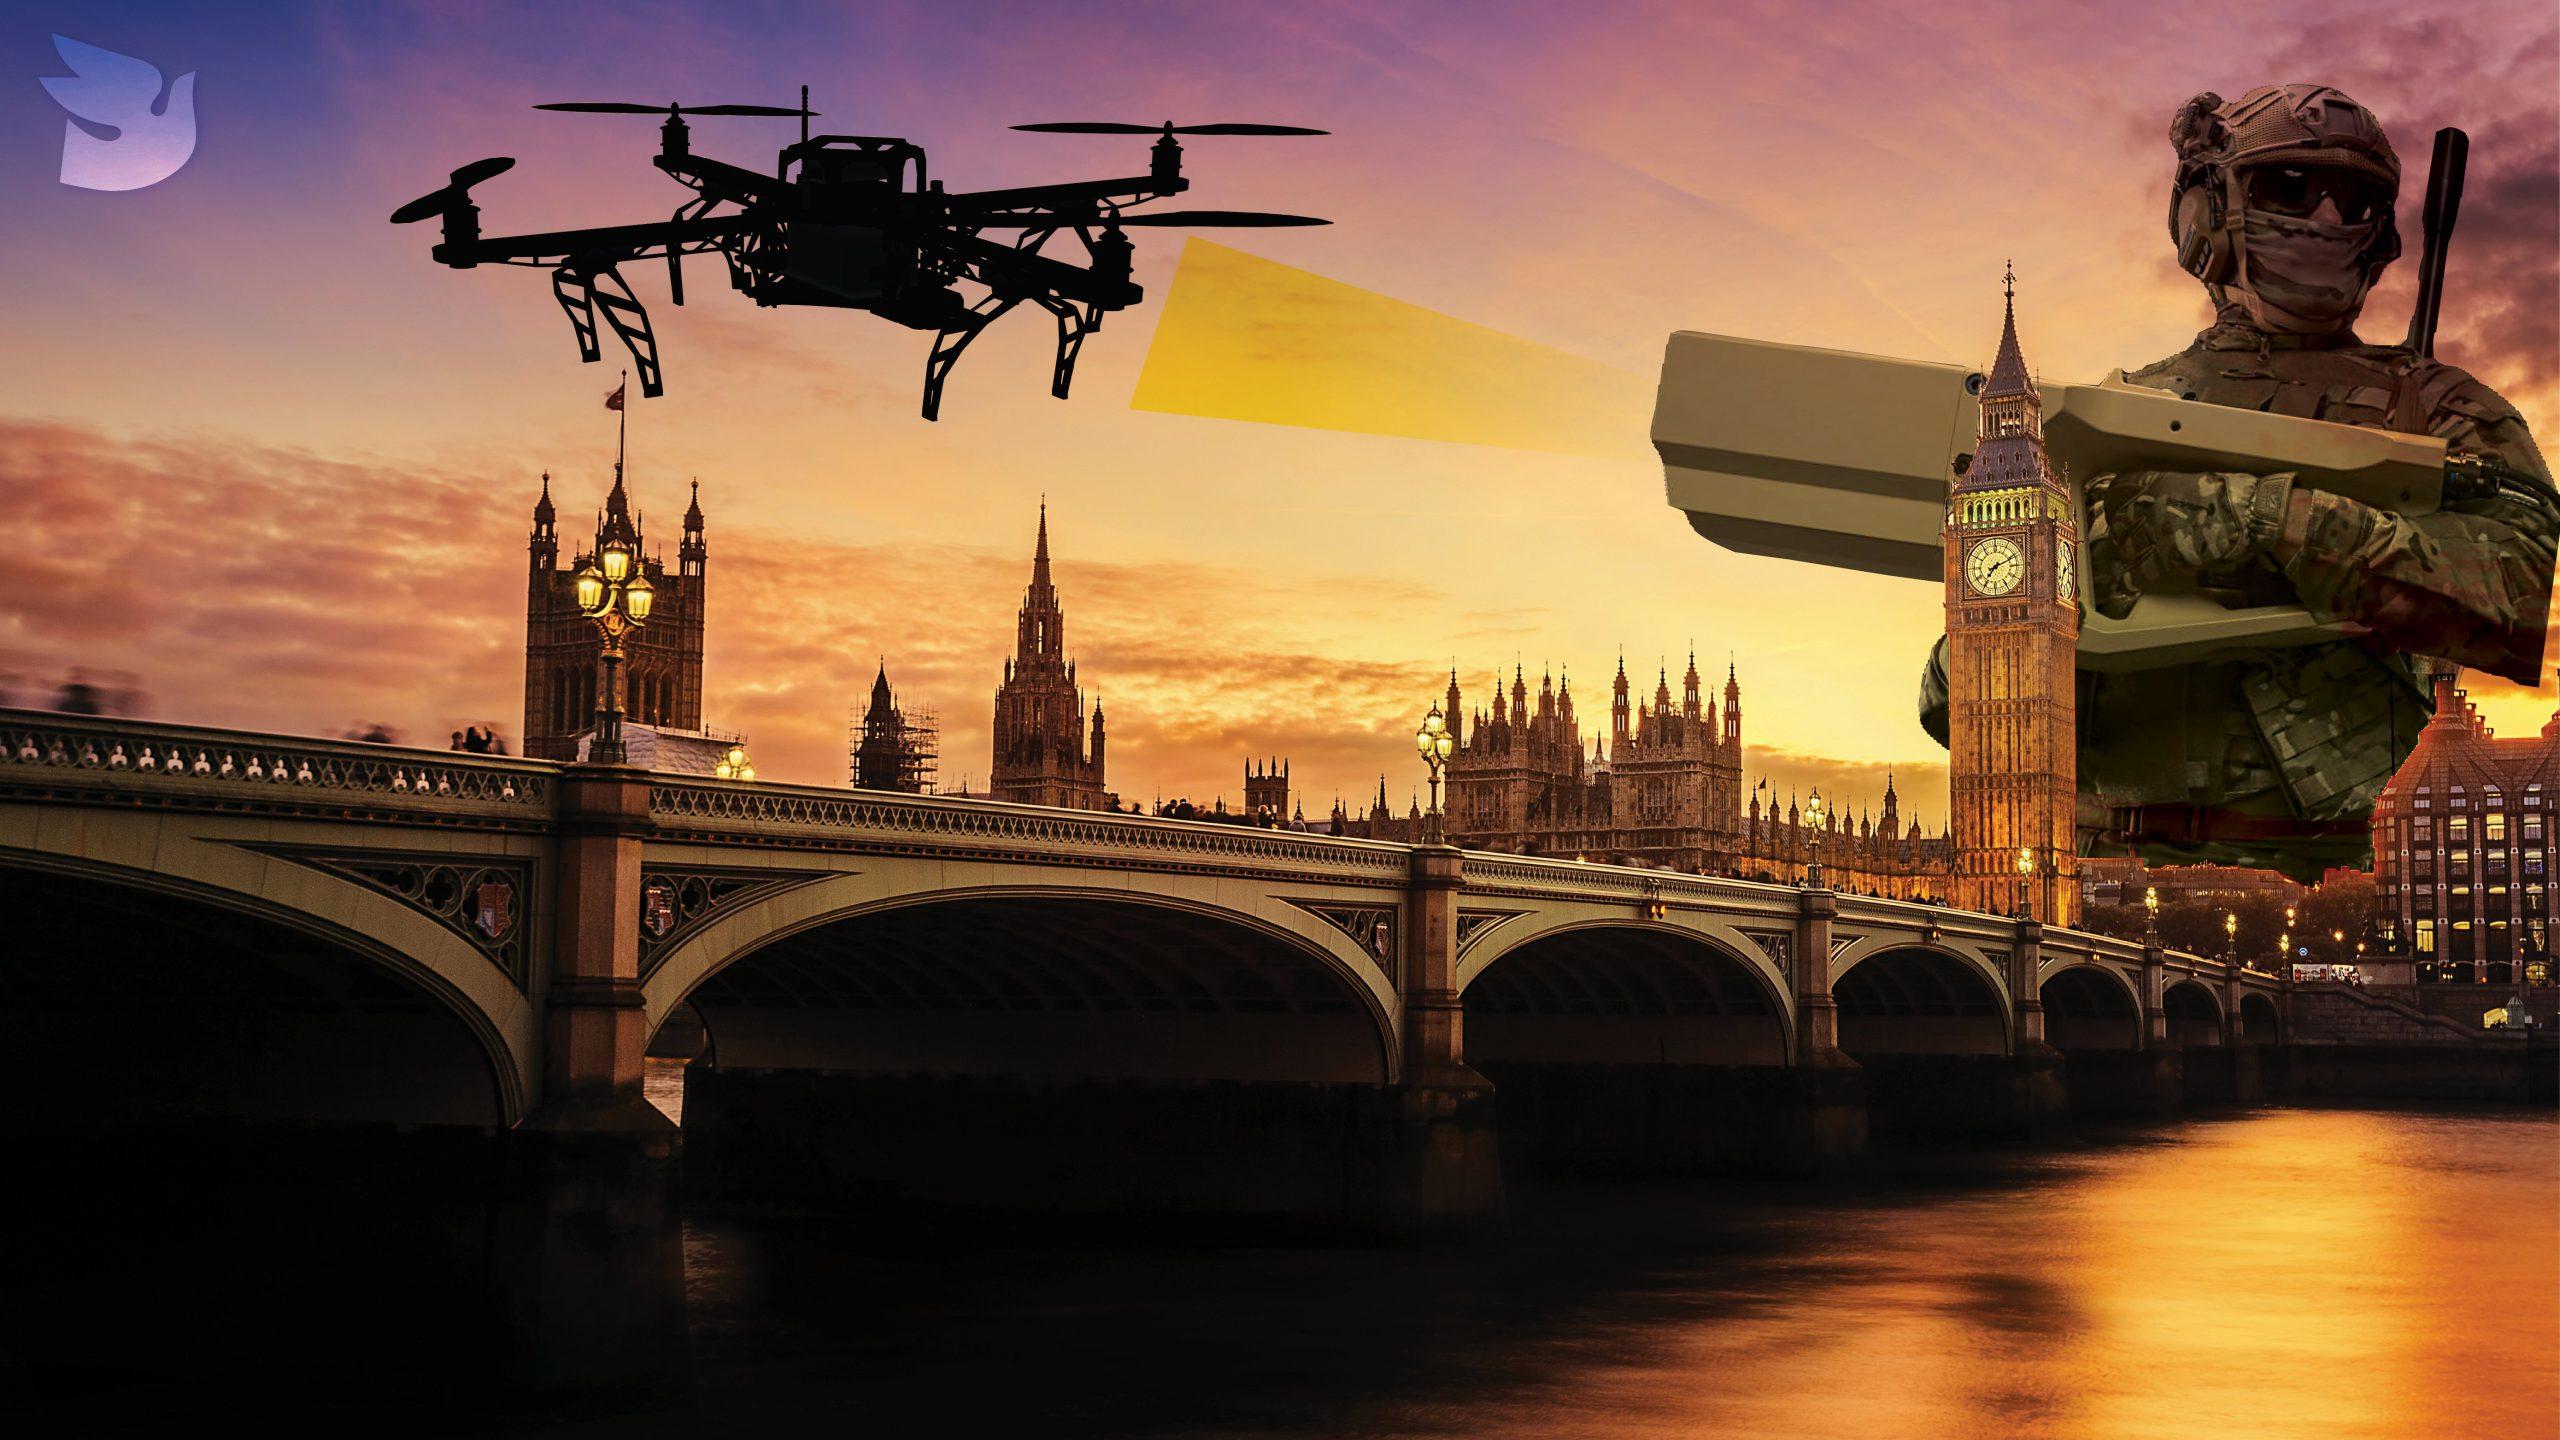 «Χίμαιρα»: Το ηλεκτρομαγνητικό τυφέκιο κατά των drones